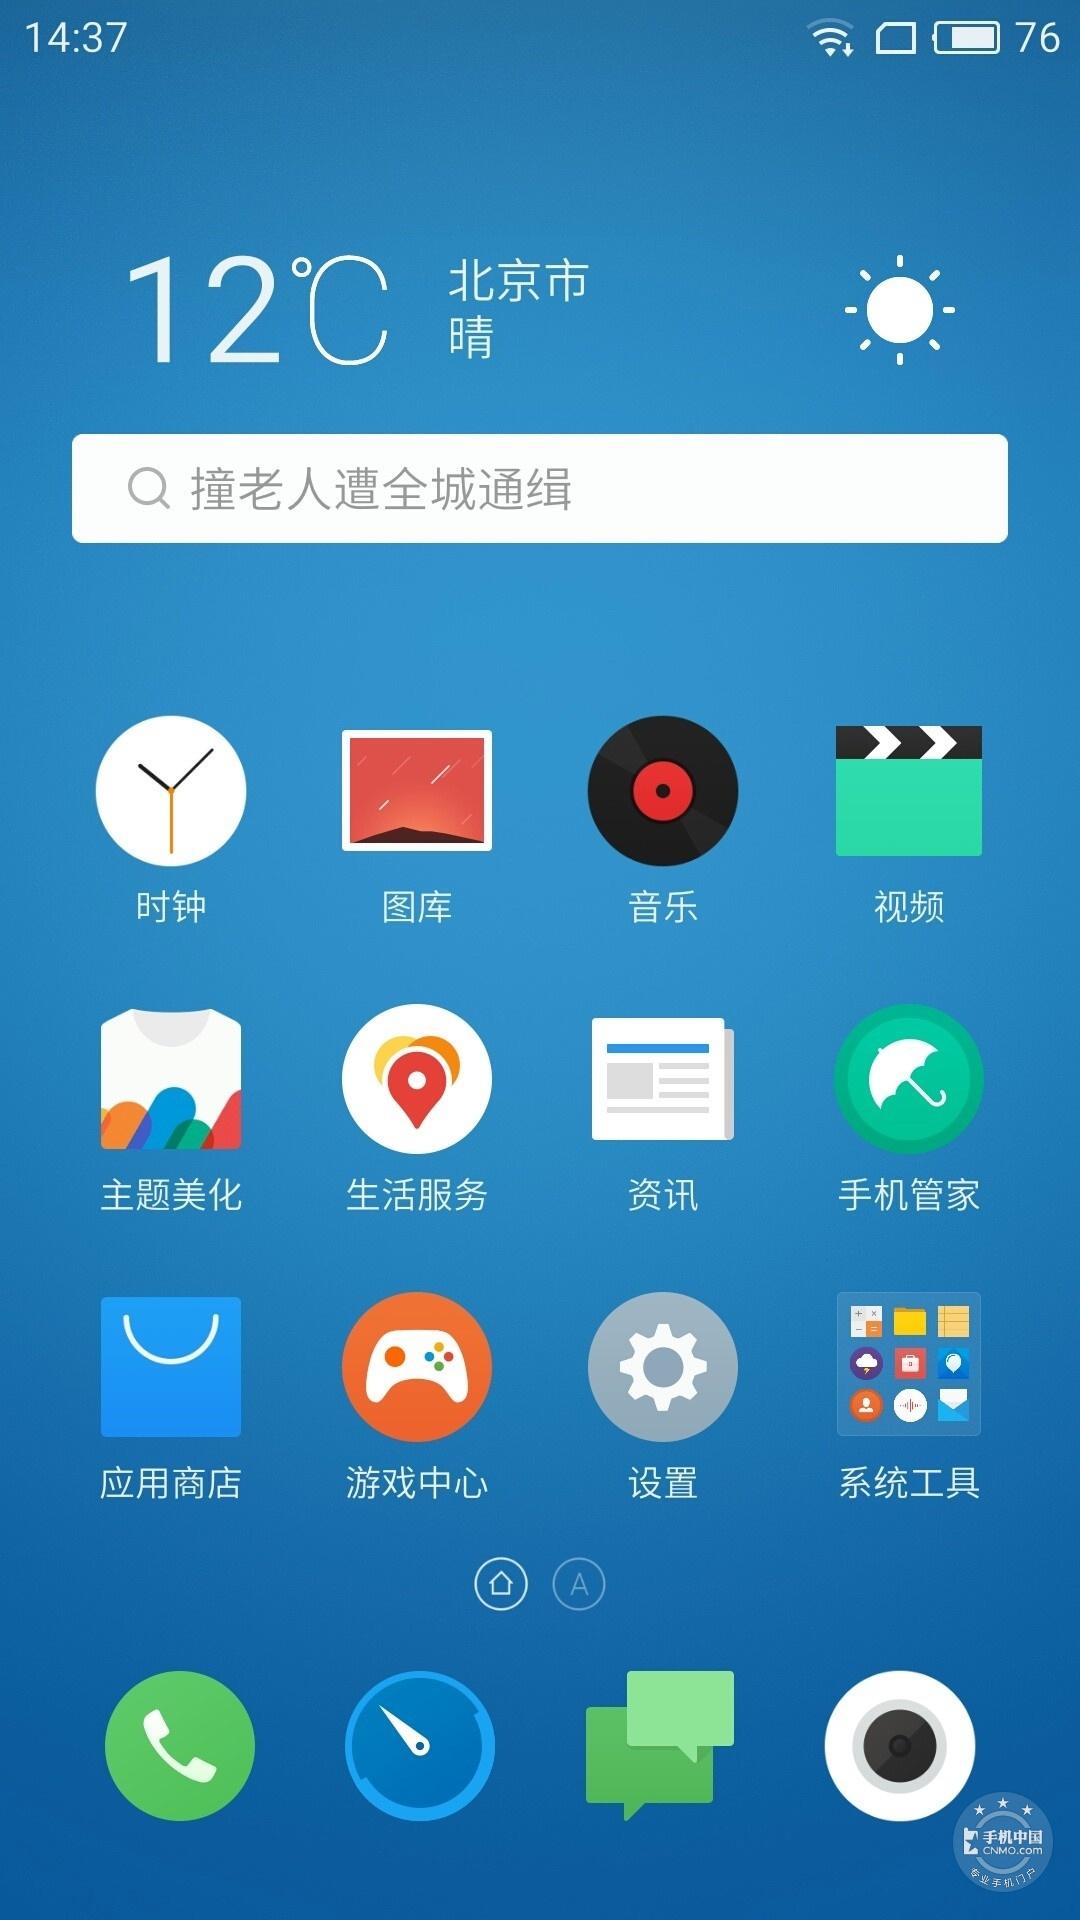 魅族PRO6s手机功能界面第1张